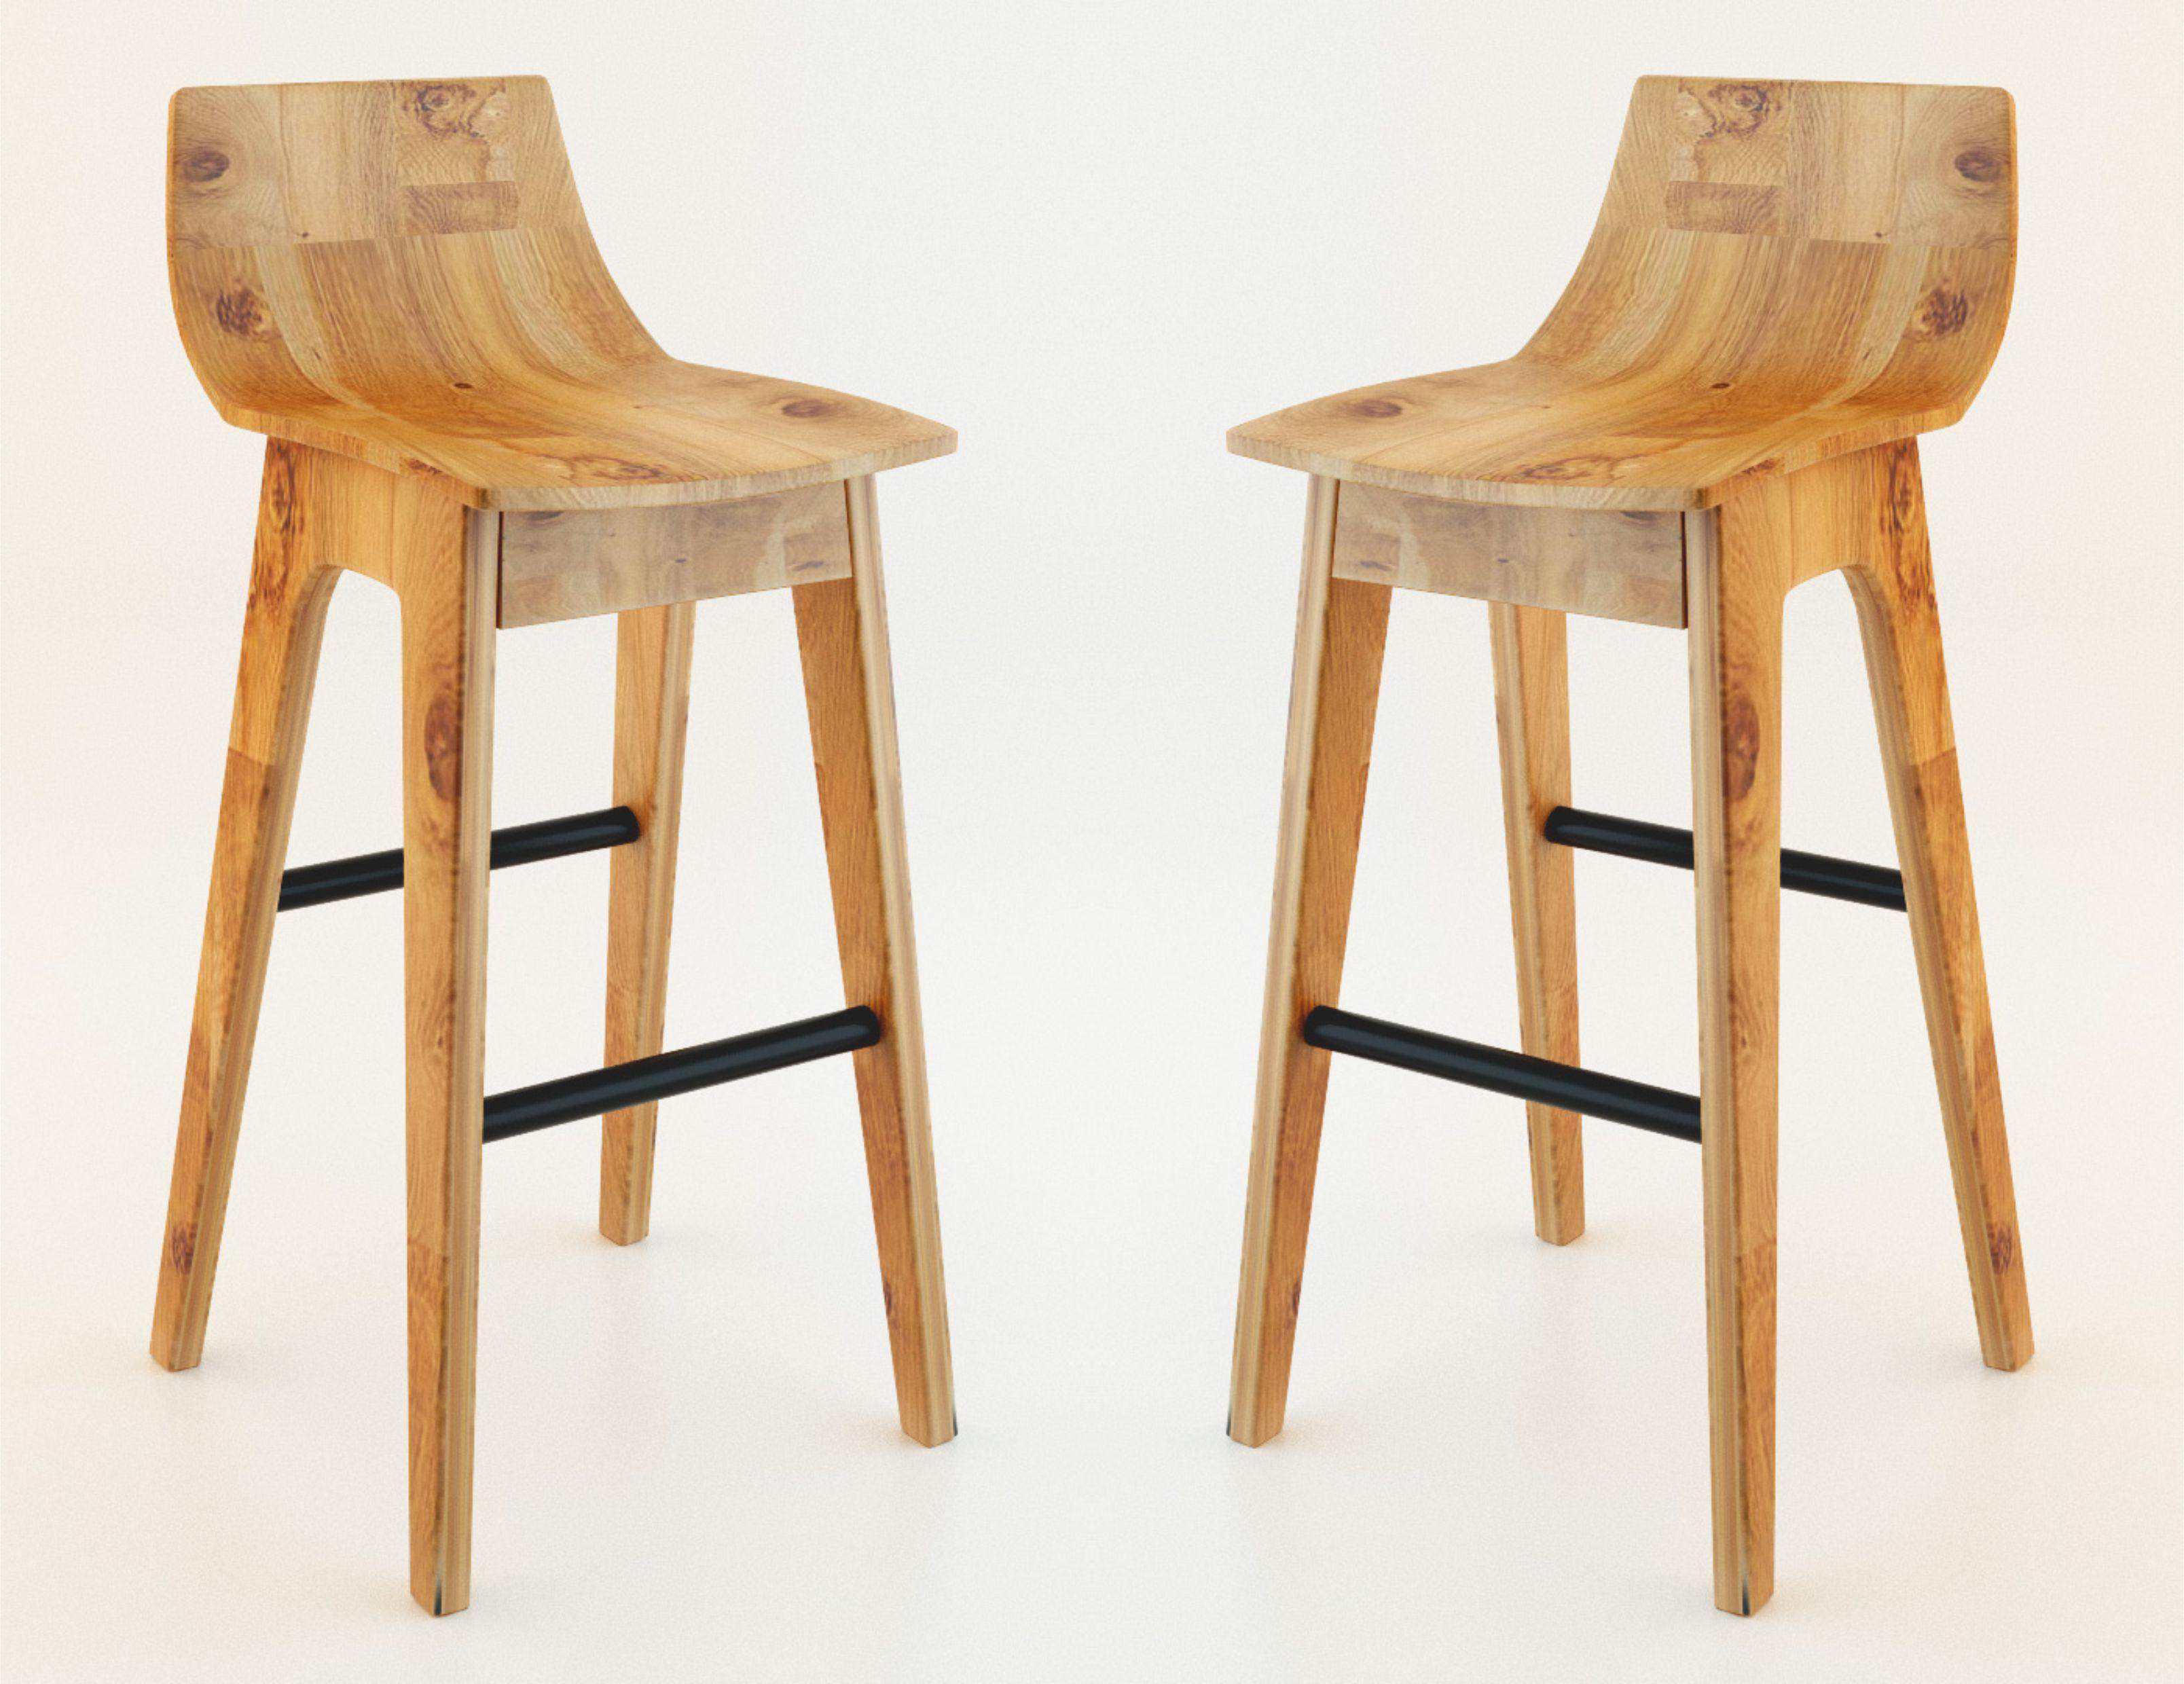 wooden bar stool 3D